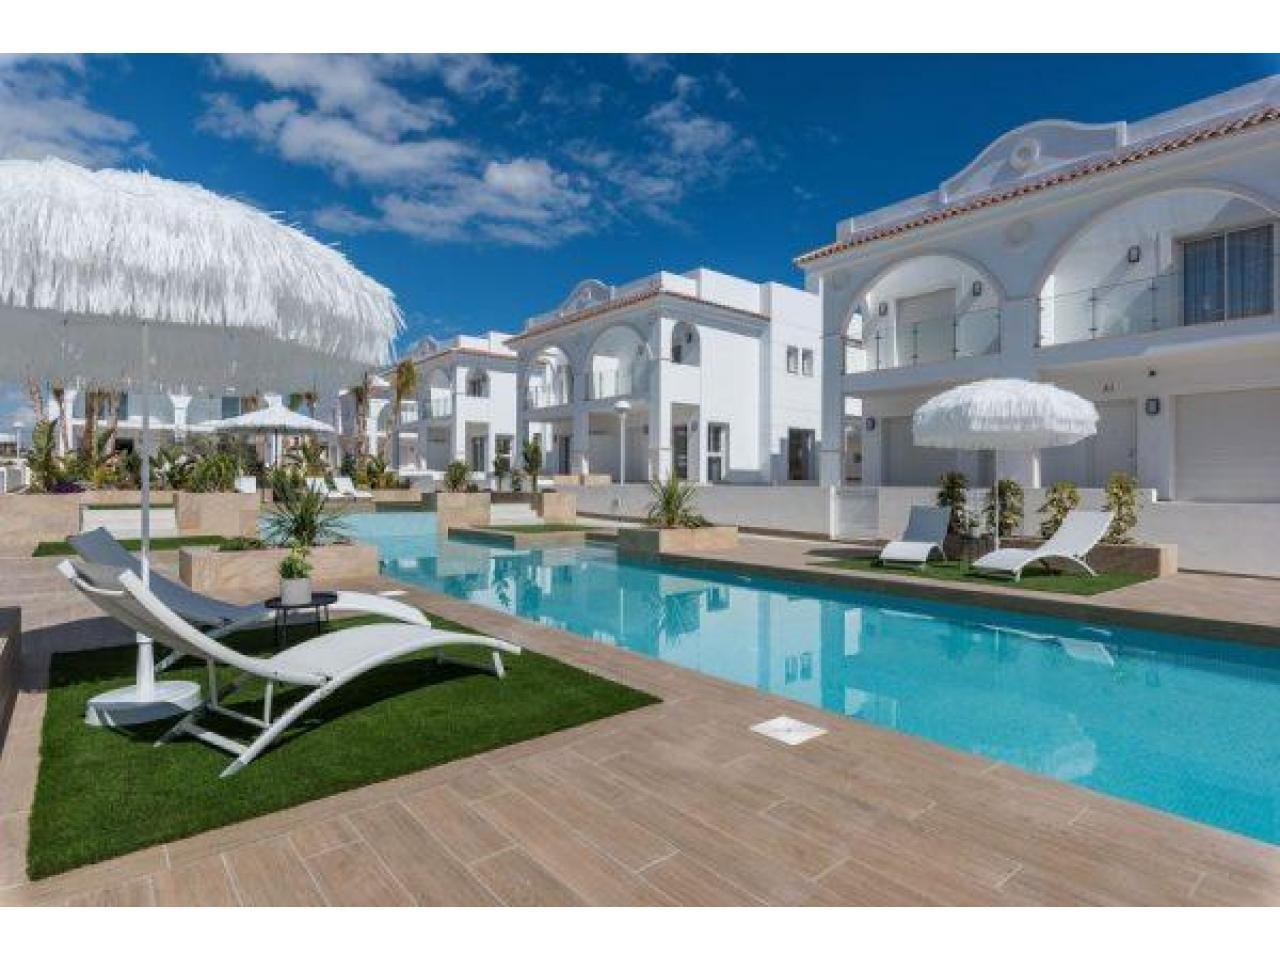 Недвижимость в Испании, Новые бунгало от застройщика в Сьюдад Кесада,Коста Бланка,Испания - 10